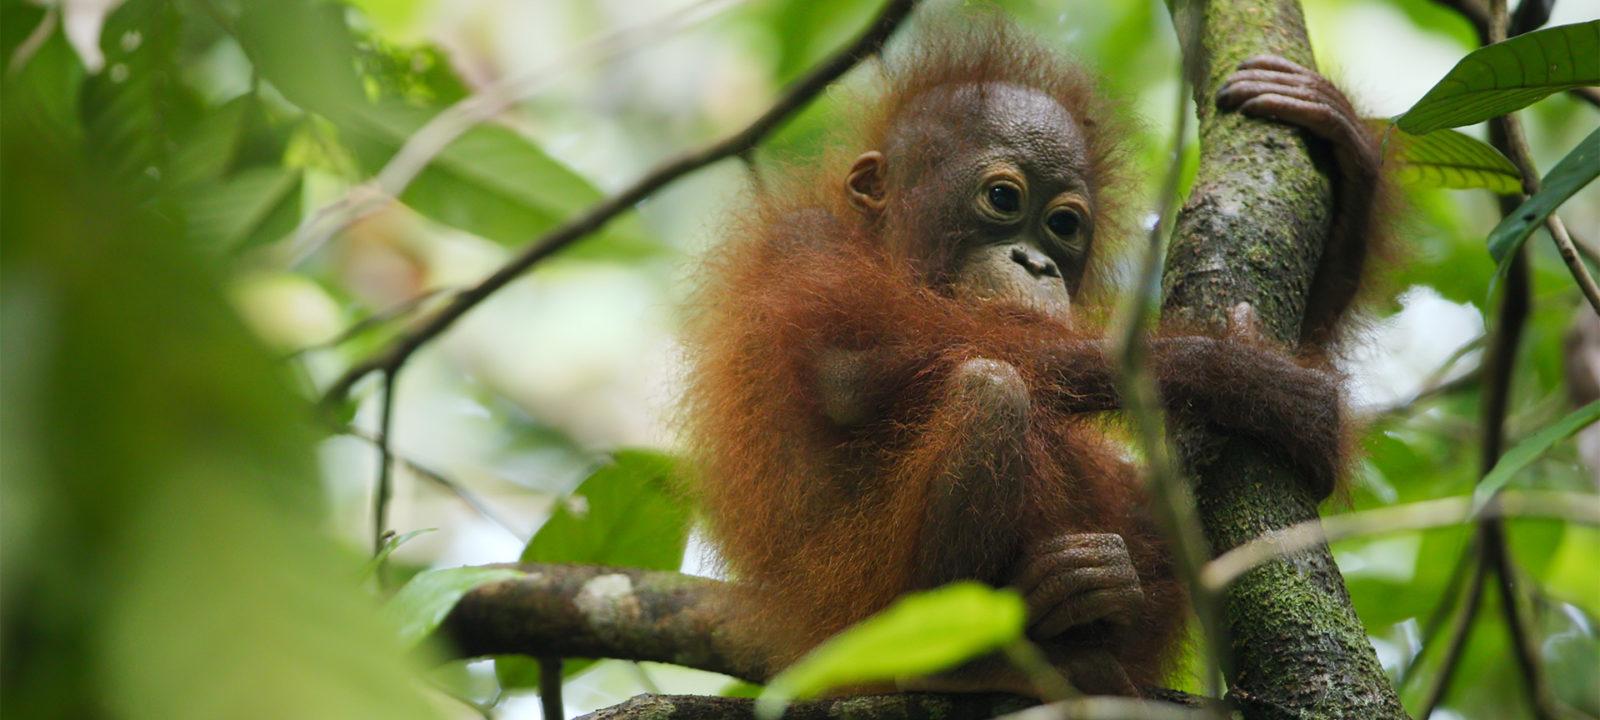 SWOP-orangutan